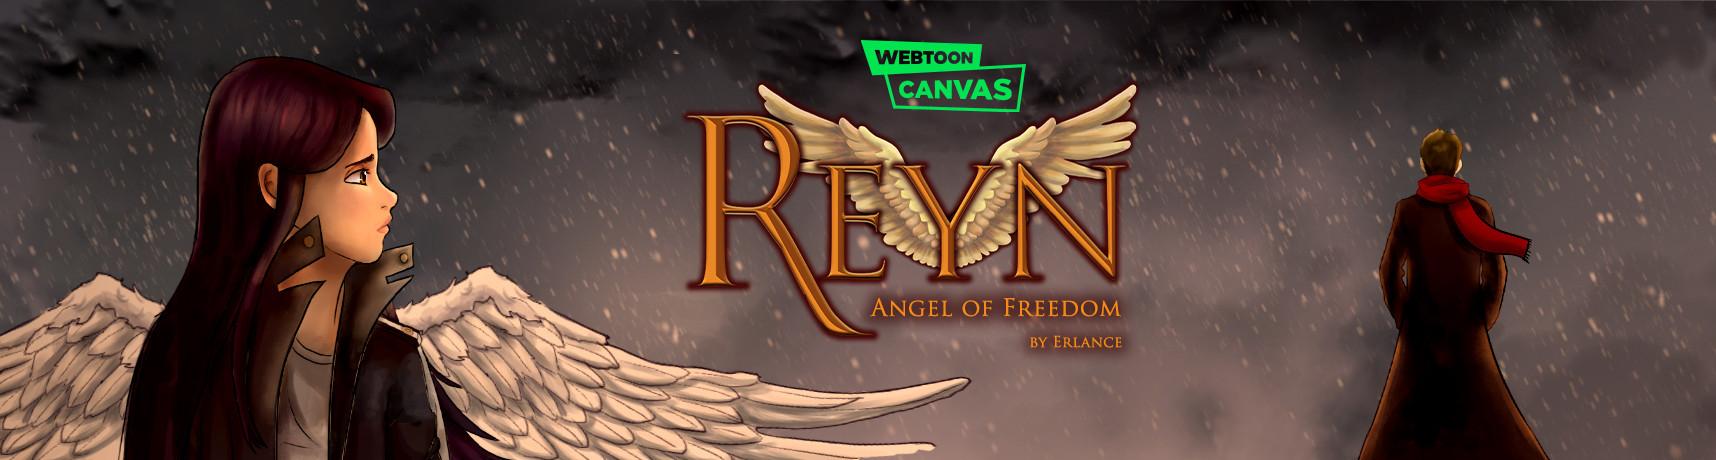 Reyn Angel of Freedom Webtoon Canvas